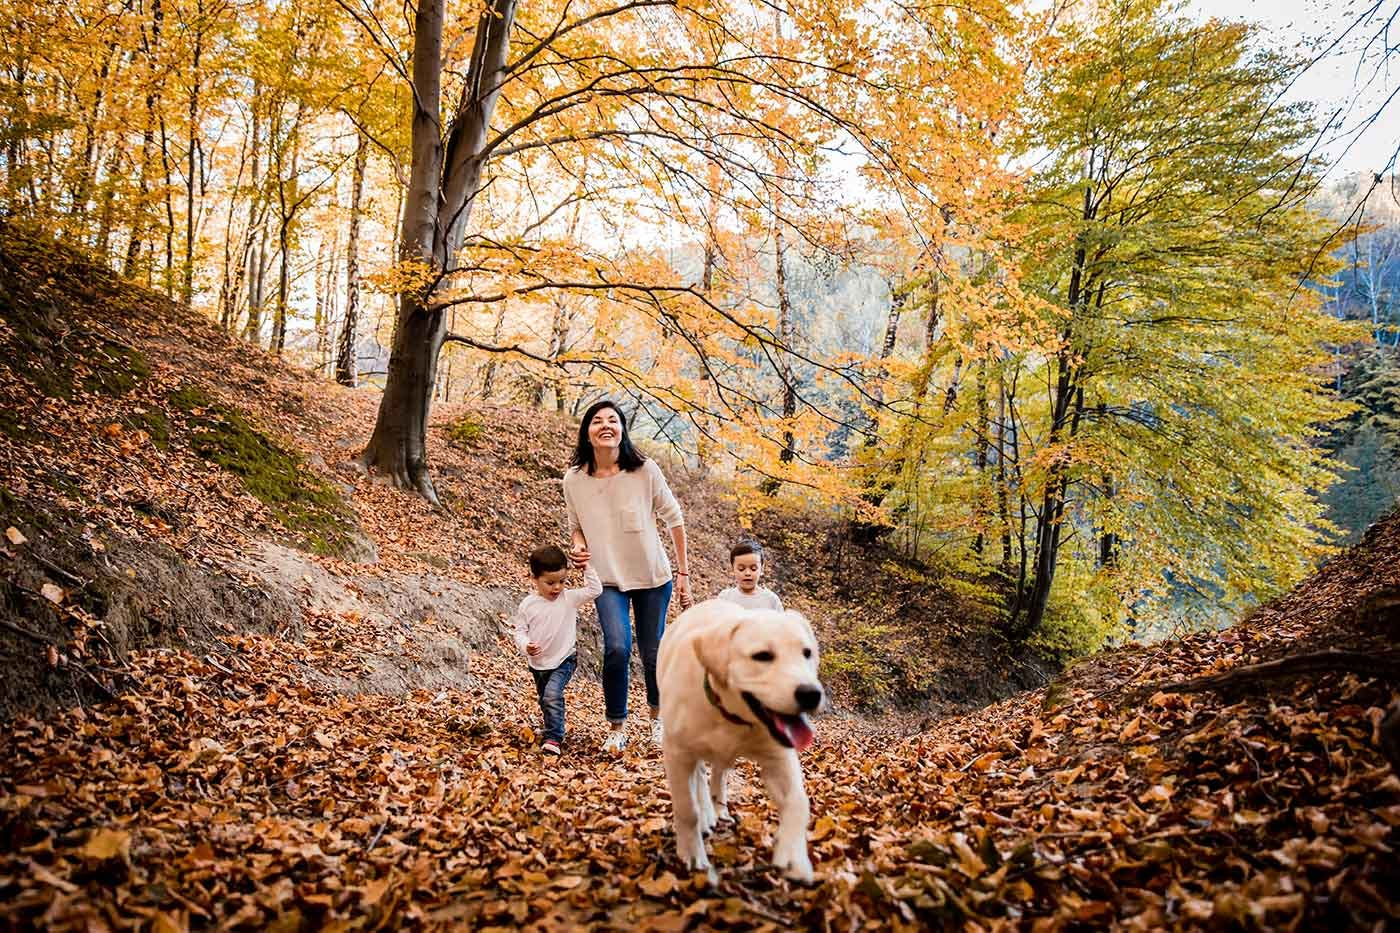 別荘地で犬と遊ぶ家族